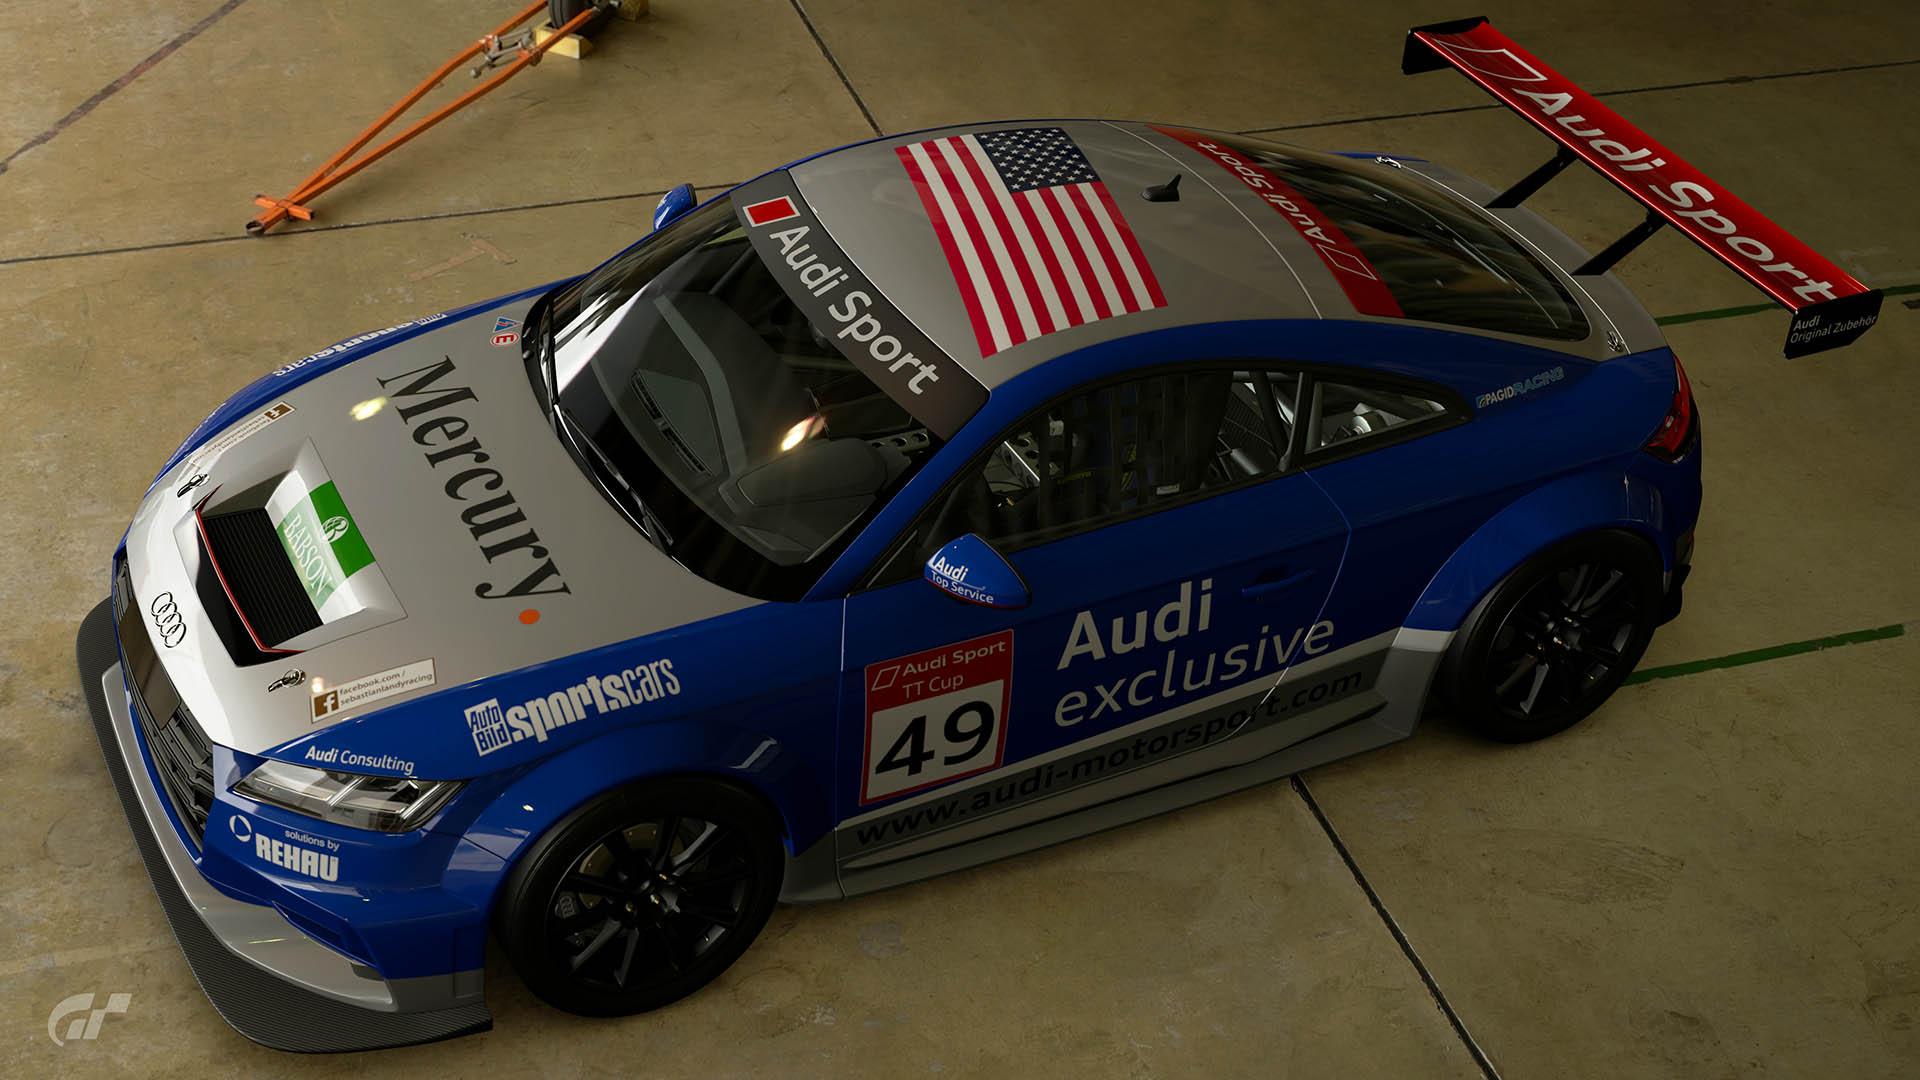 2015 Audi TT Cup #49 Sebastian Landy